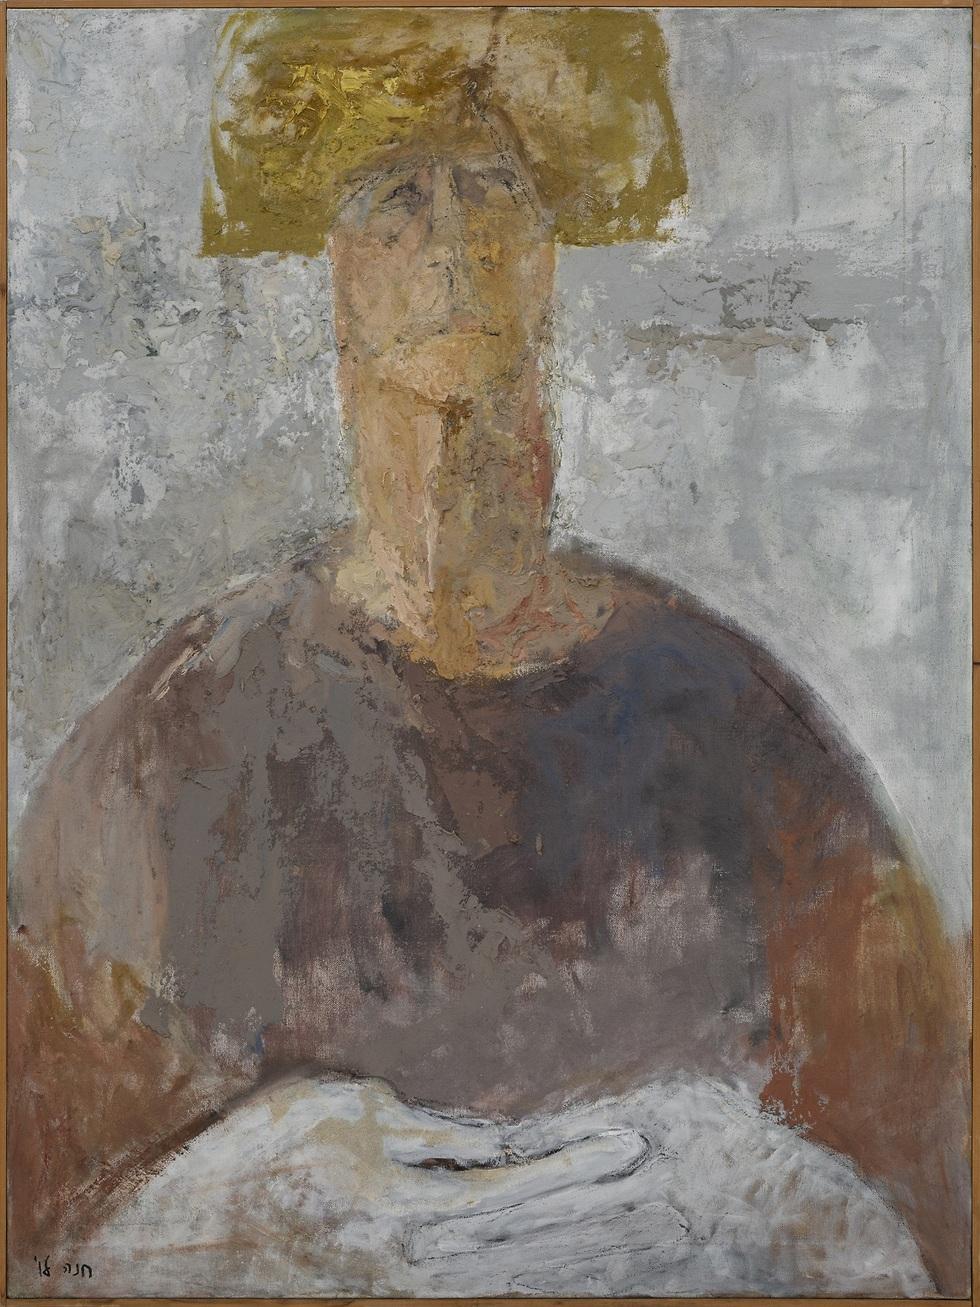 חנה לוי, דיוקן פאולה, 1991 ()